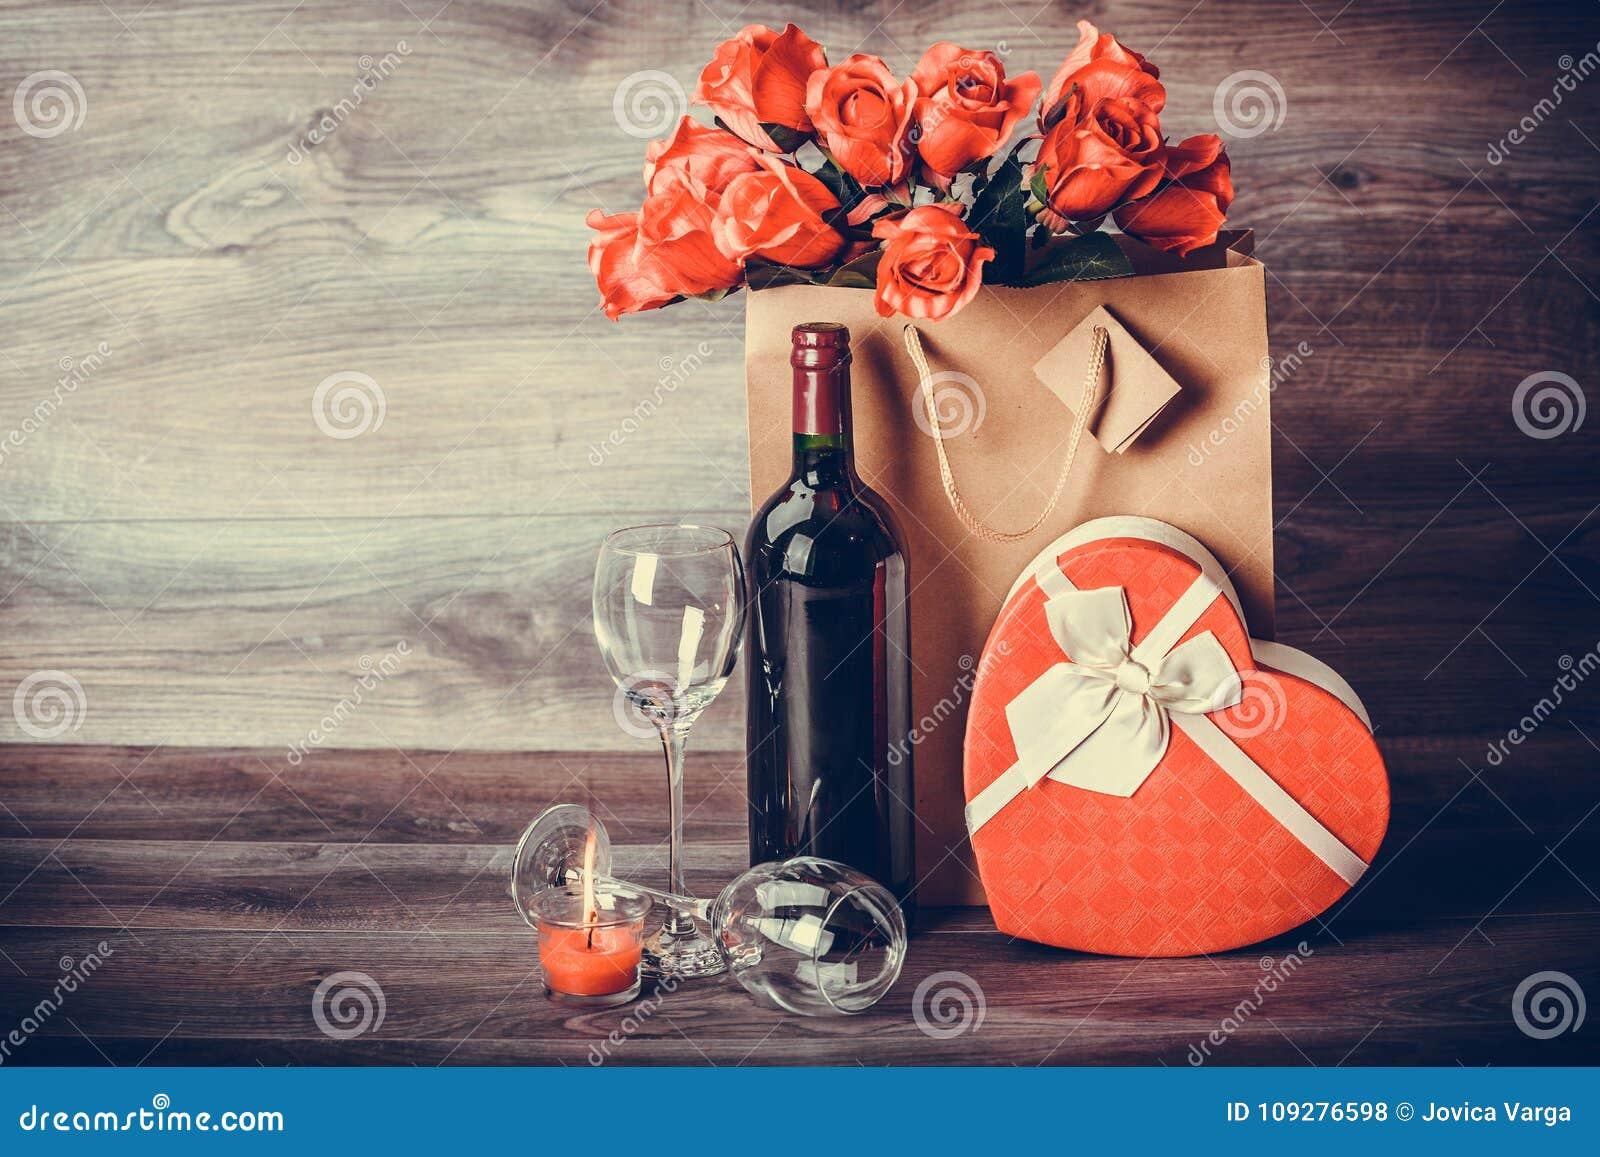 Wein, rosafarben und Herz als Geschenk auf dem Tisch